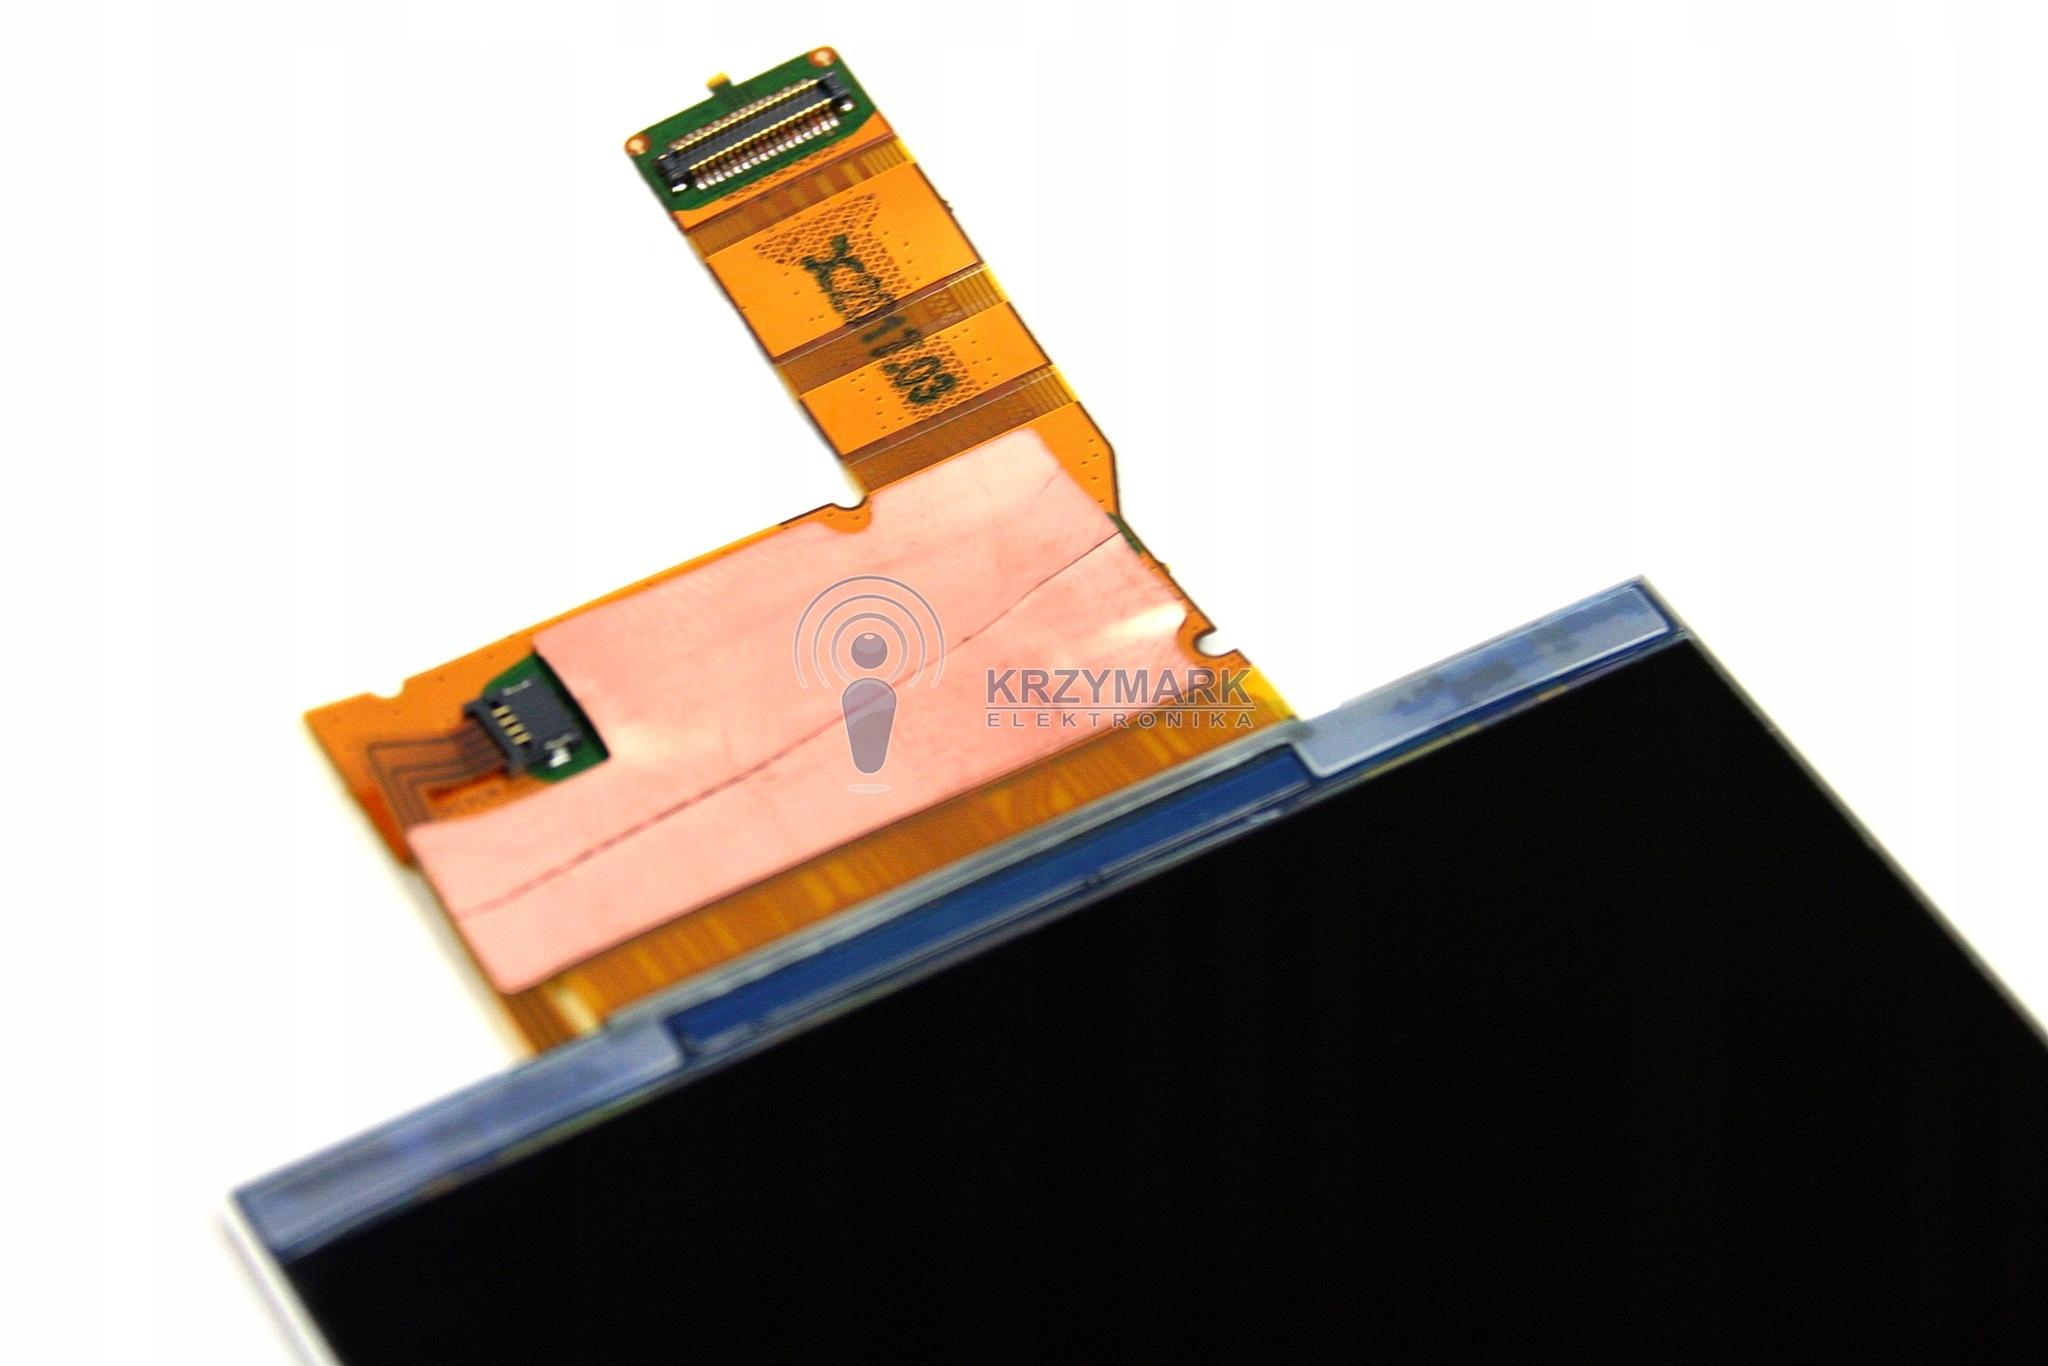 LCD WYŚWIETLACZ SONY XPERIA SP C5303 C5302 EKRAN